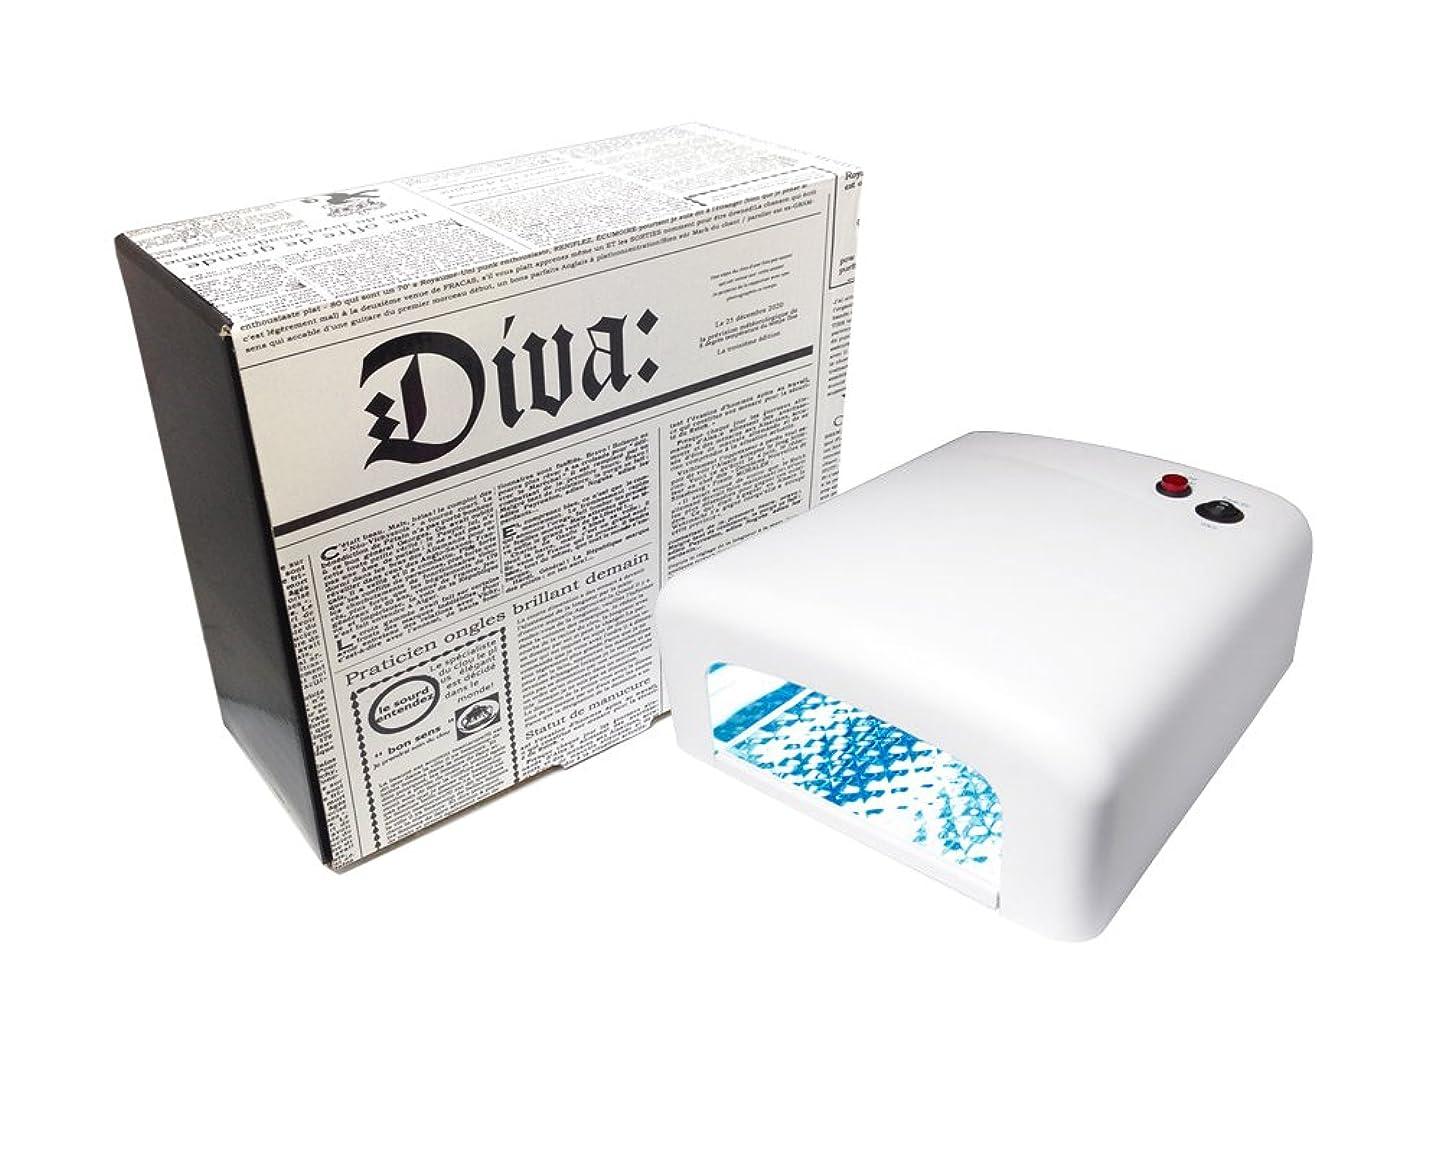 偽善ご近所イライラするDiva(ディーヴァ) UVライト36W(UVランプ) 本体 ホワイト